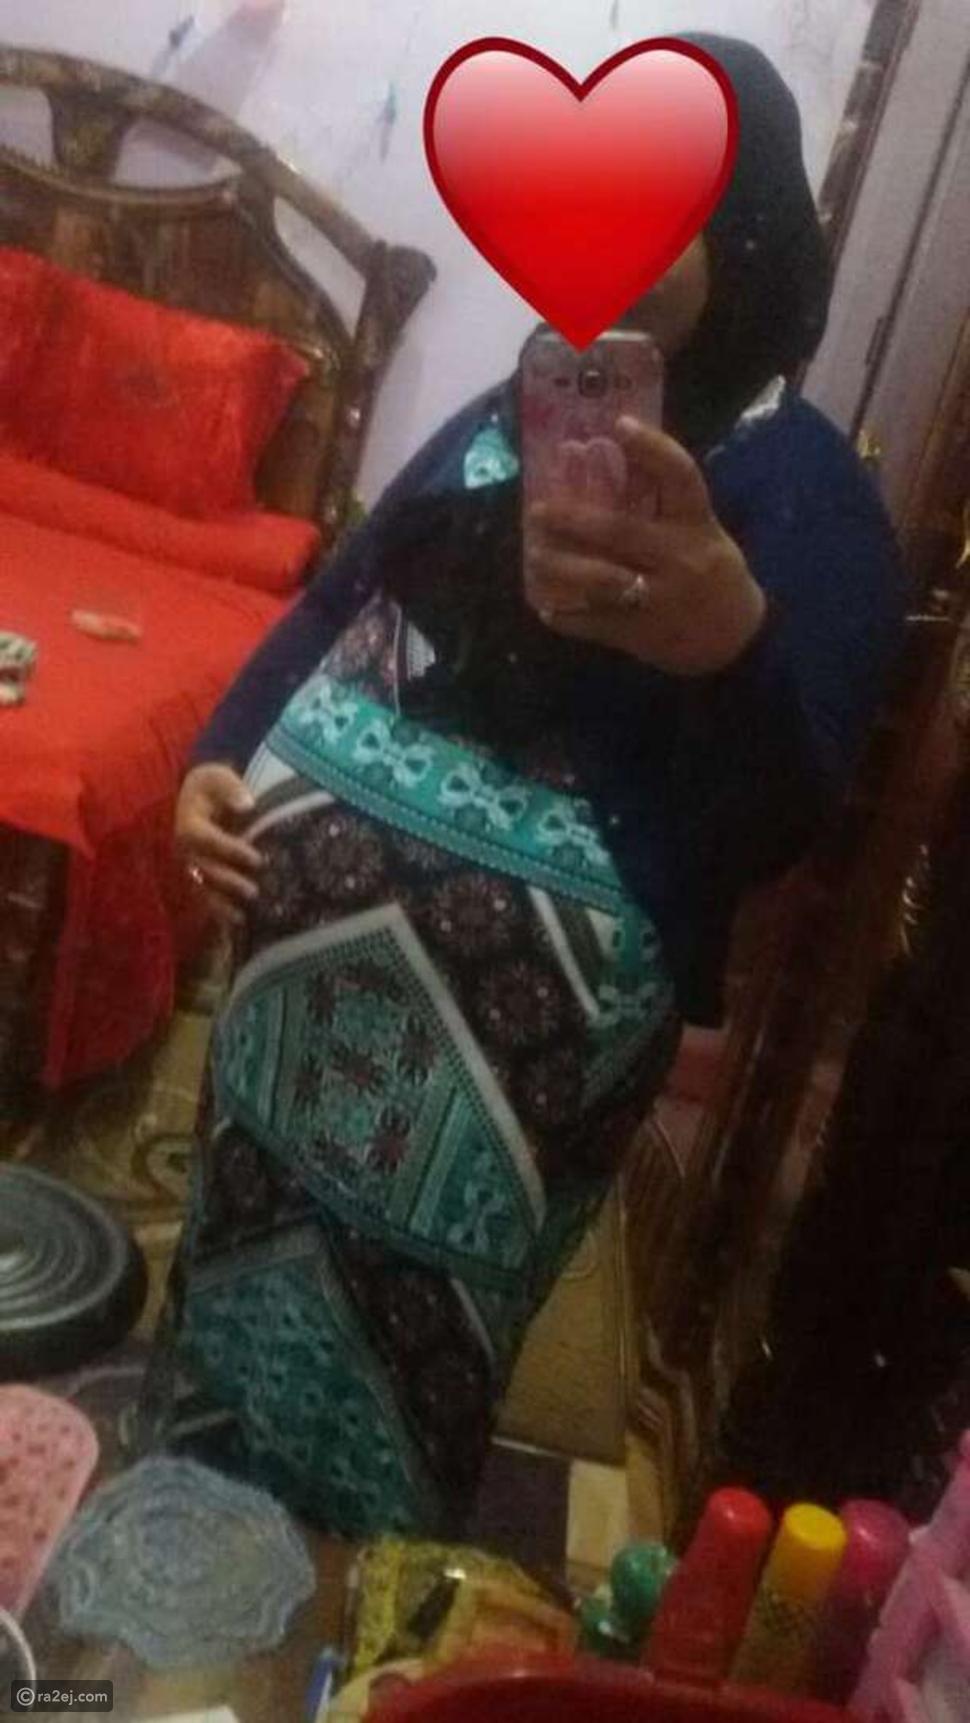 في واقعة غريبة: اختفاء أجنة توأم من رحم سيدة حامل في مصر